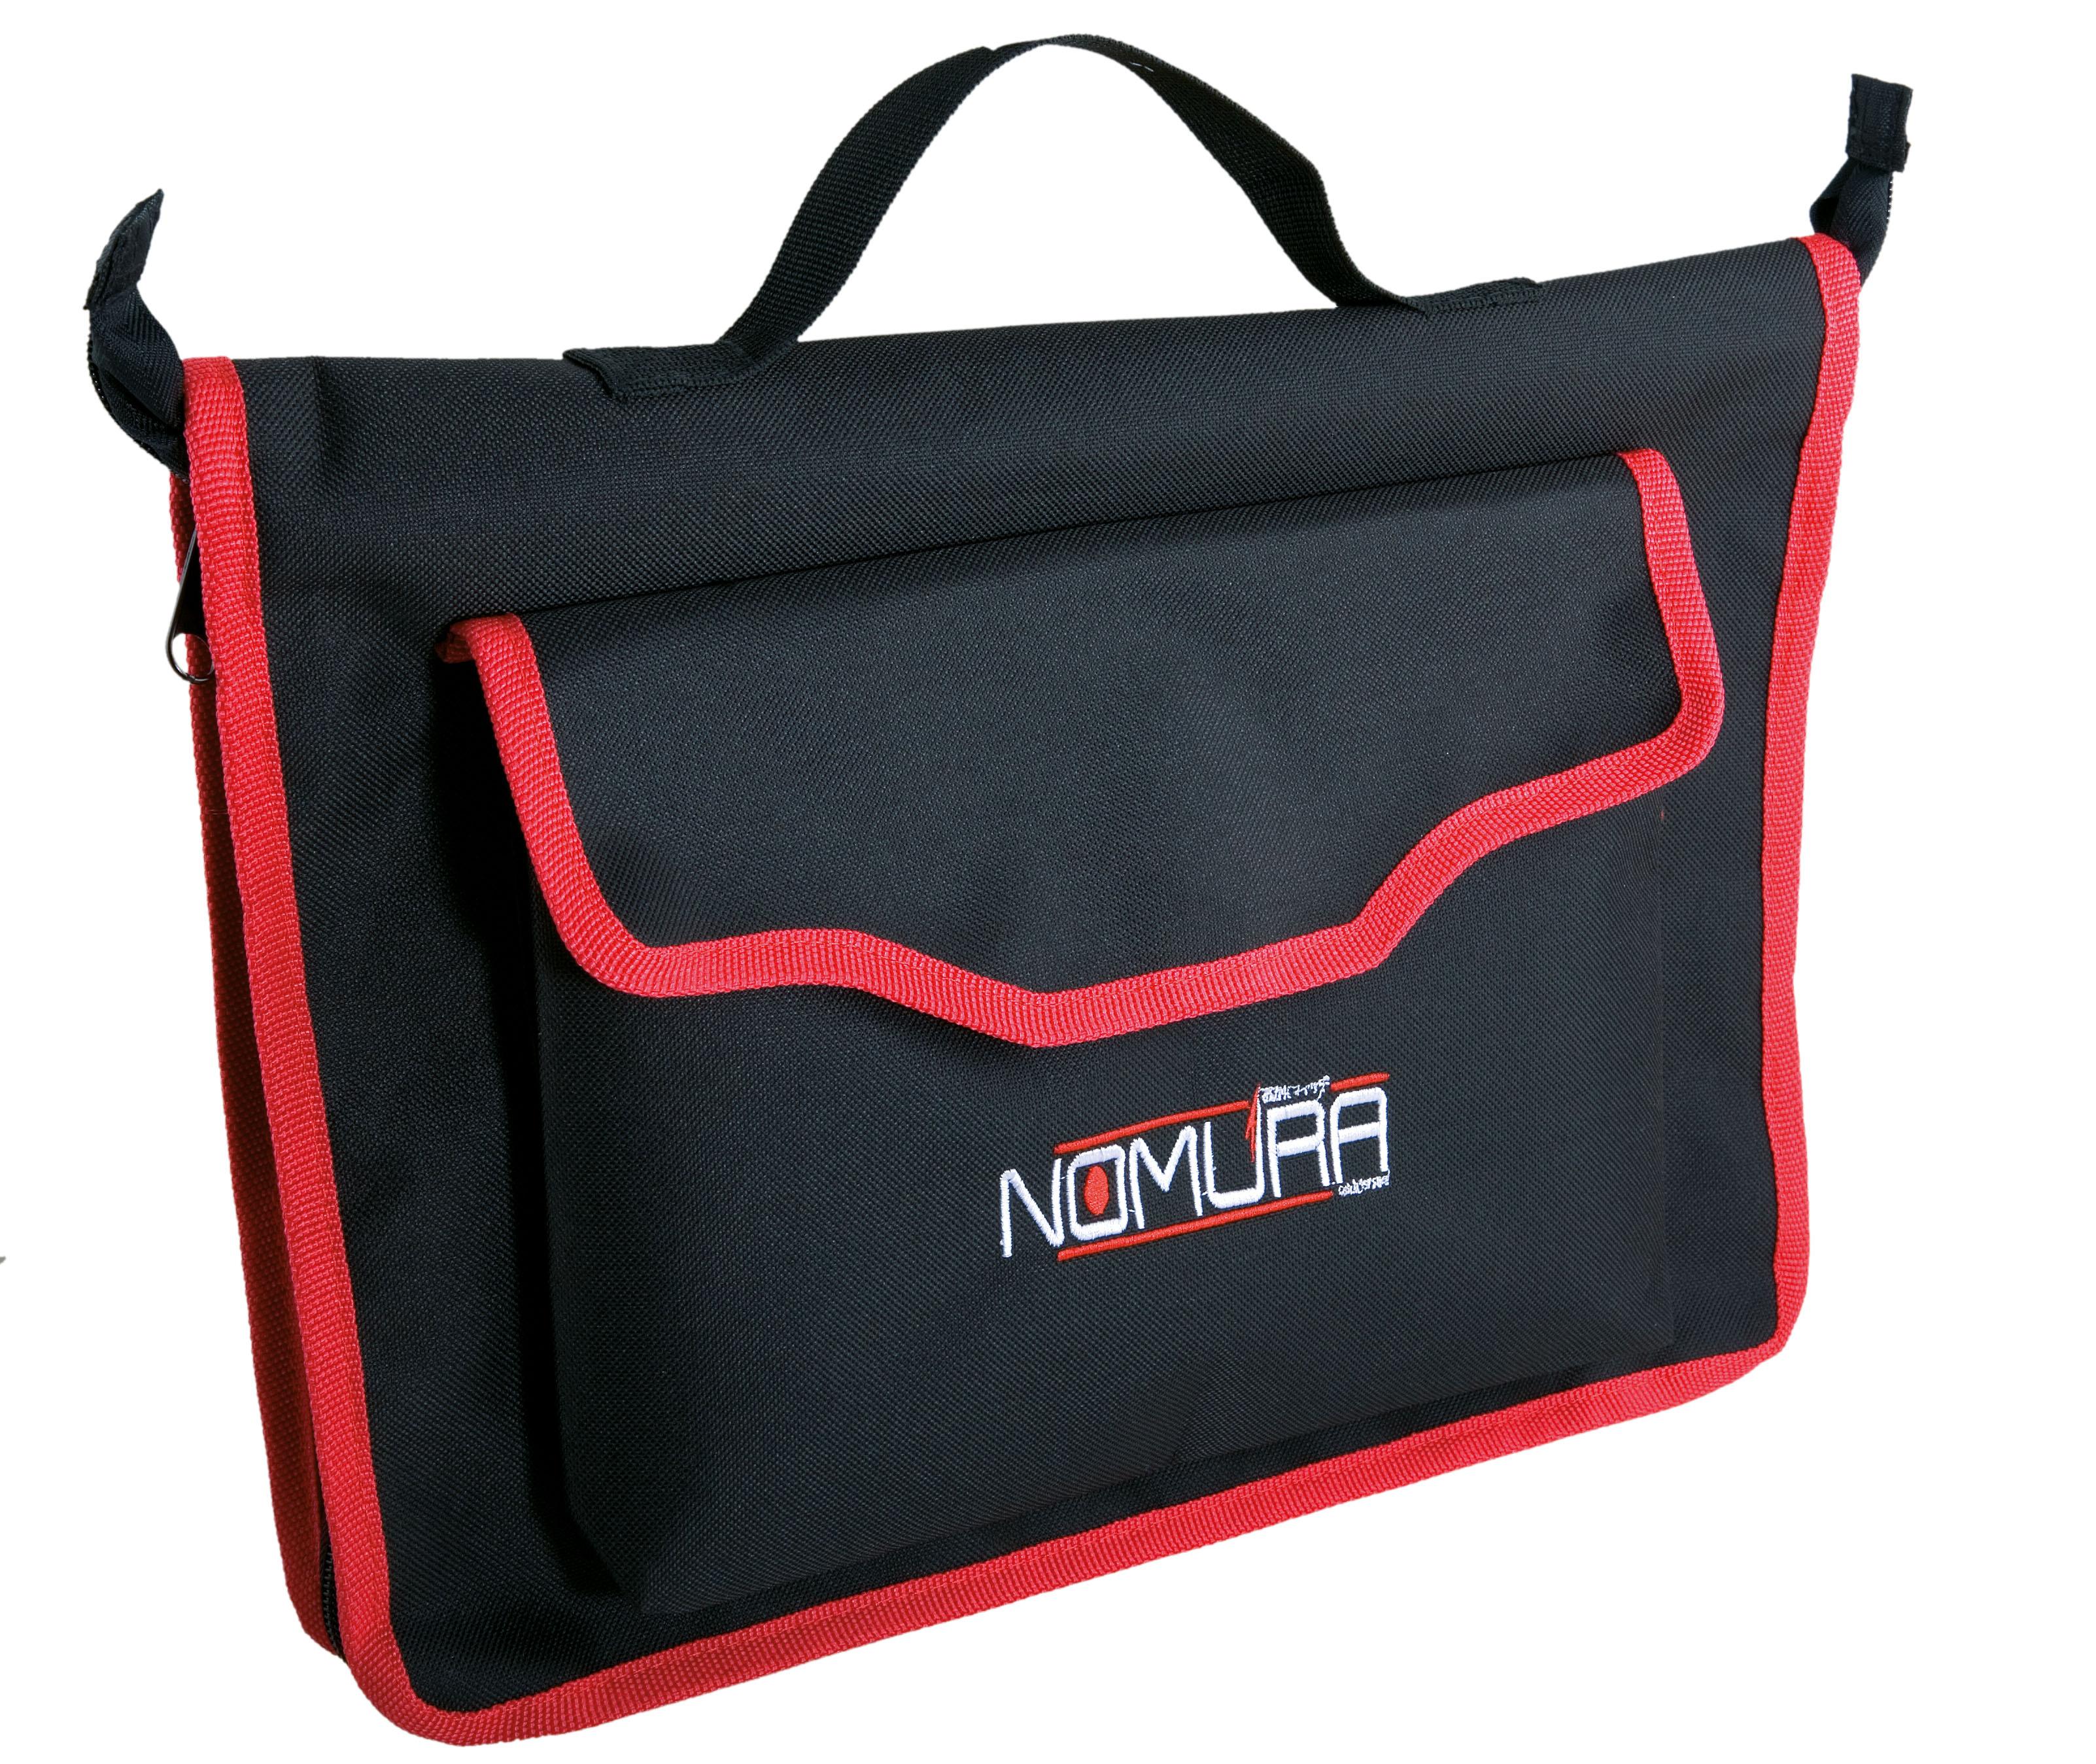 Nomura narita tackle rig organizer bag glasgow angling for Rigged fishing backpack